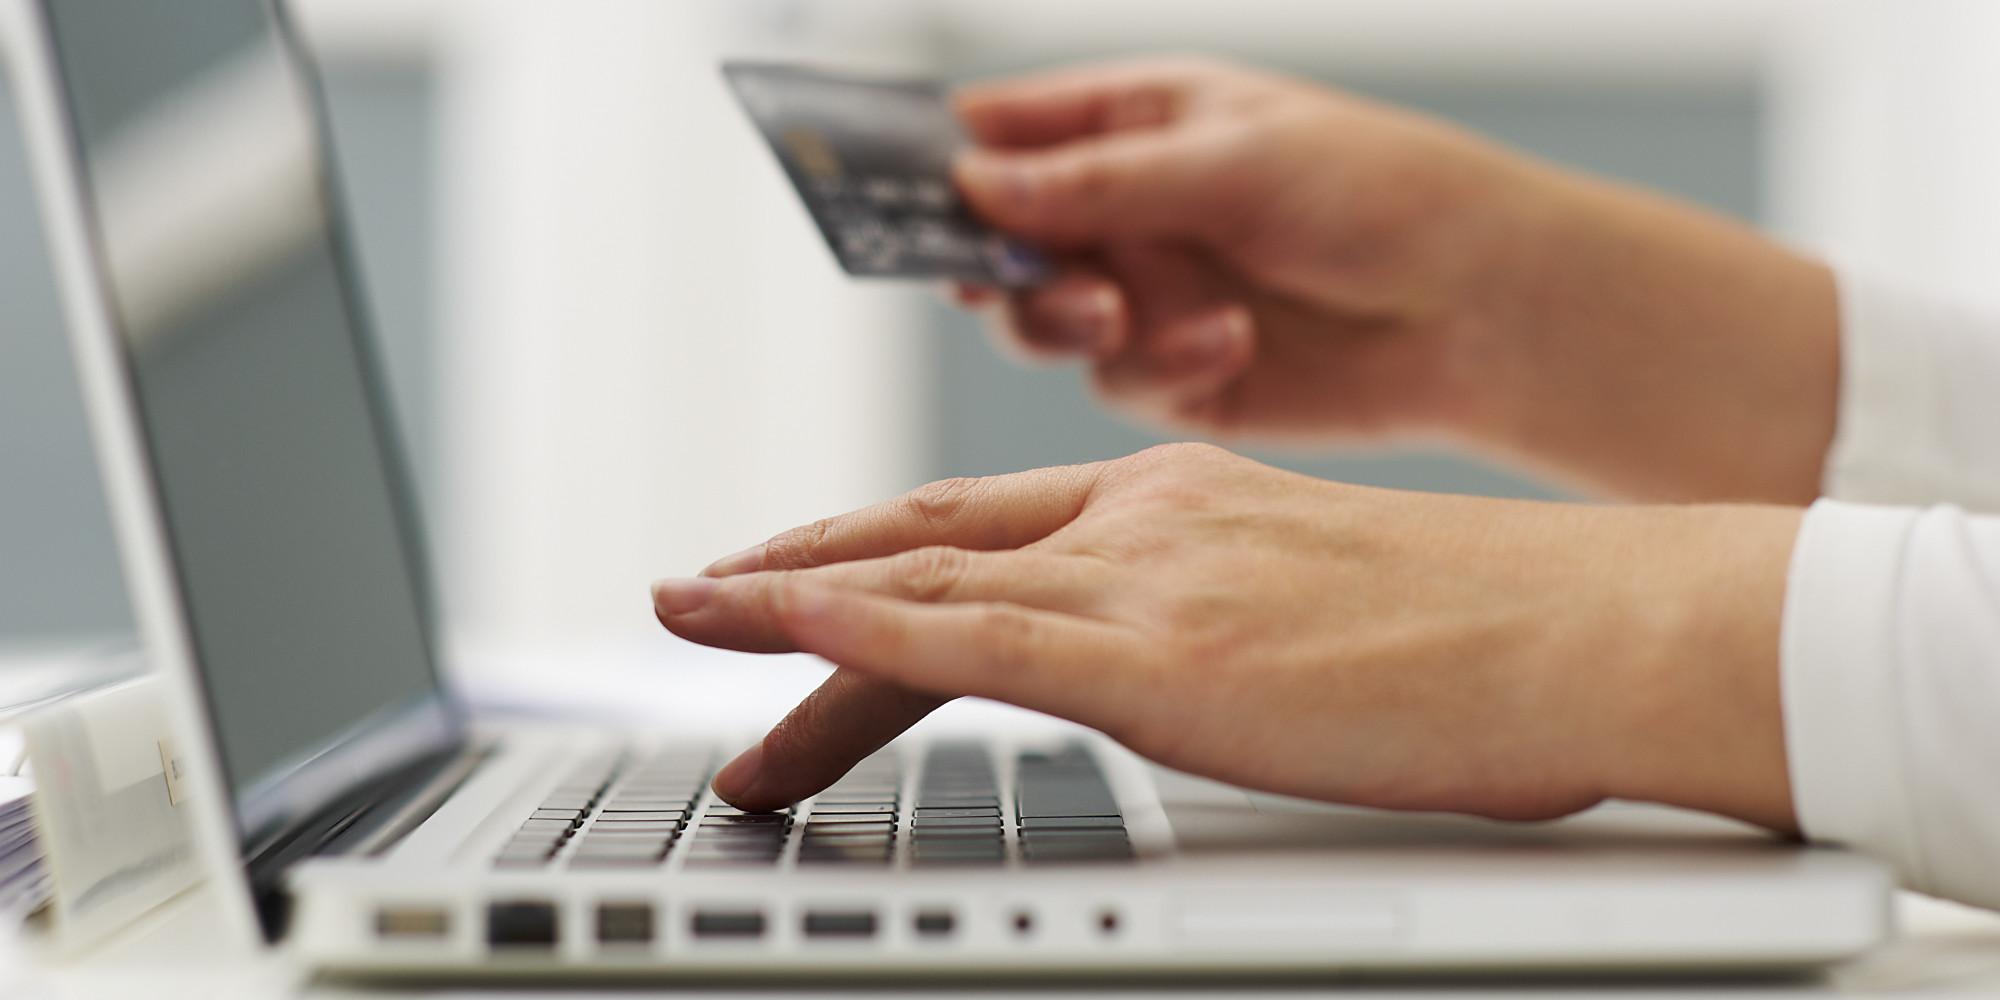 Θα ψώνιζες ποτέ από ανορθόγραφο eshop? Το σωστό περιεχόμενο αυξάνει τις πωλήσεις